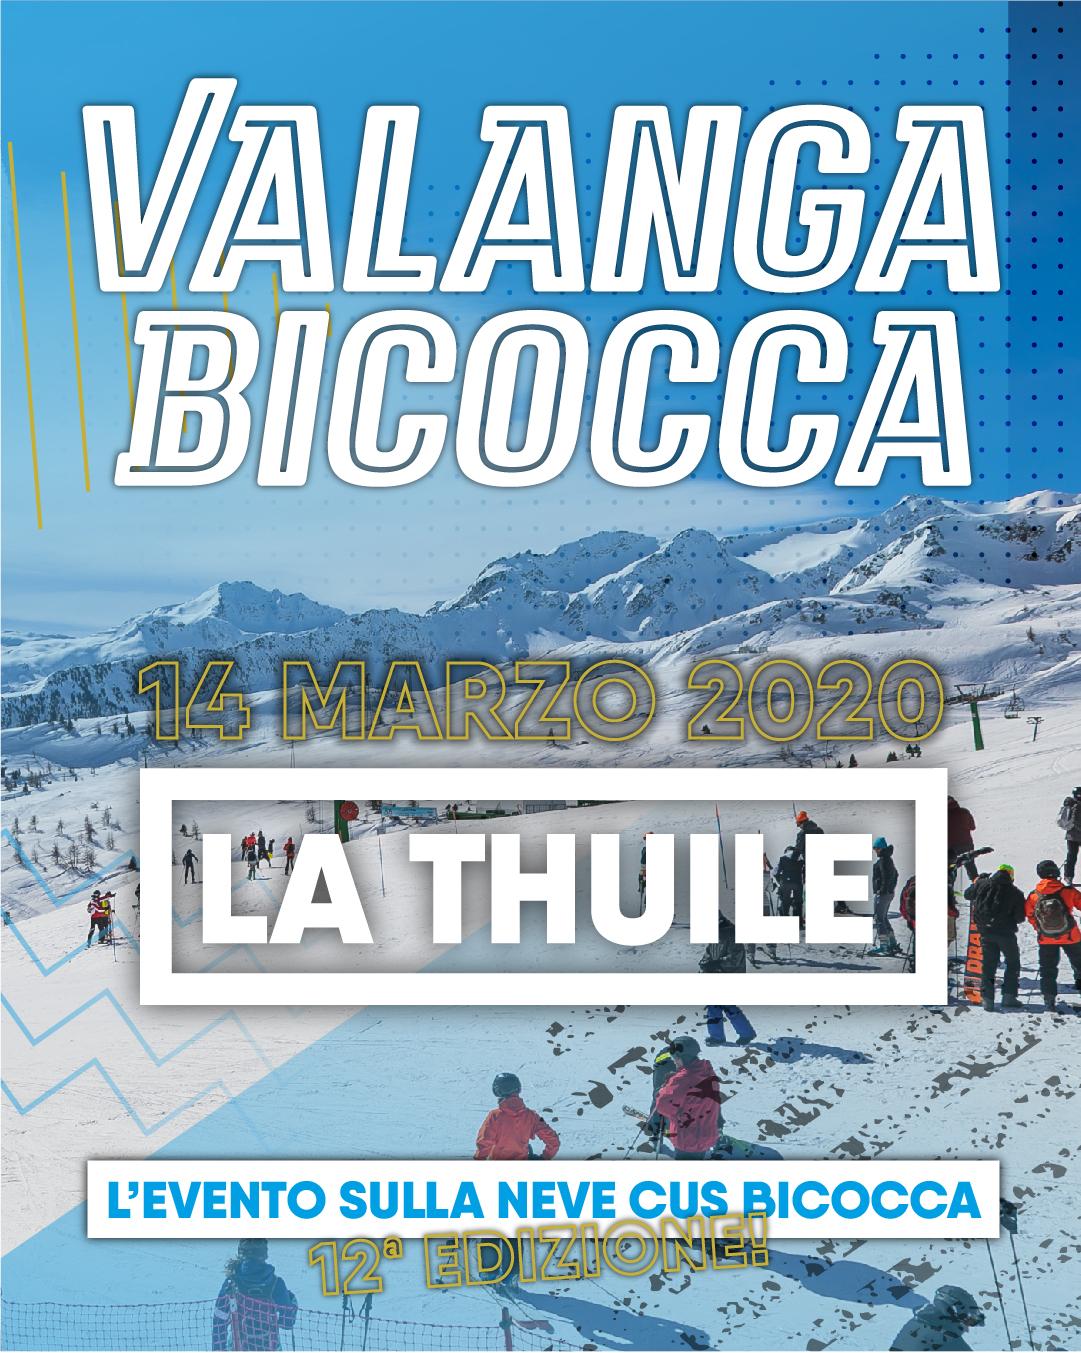 Valanga Bicocca 2020 • SAVE THE DATE!